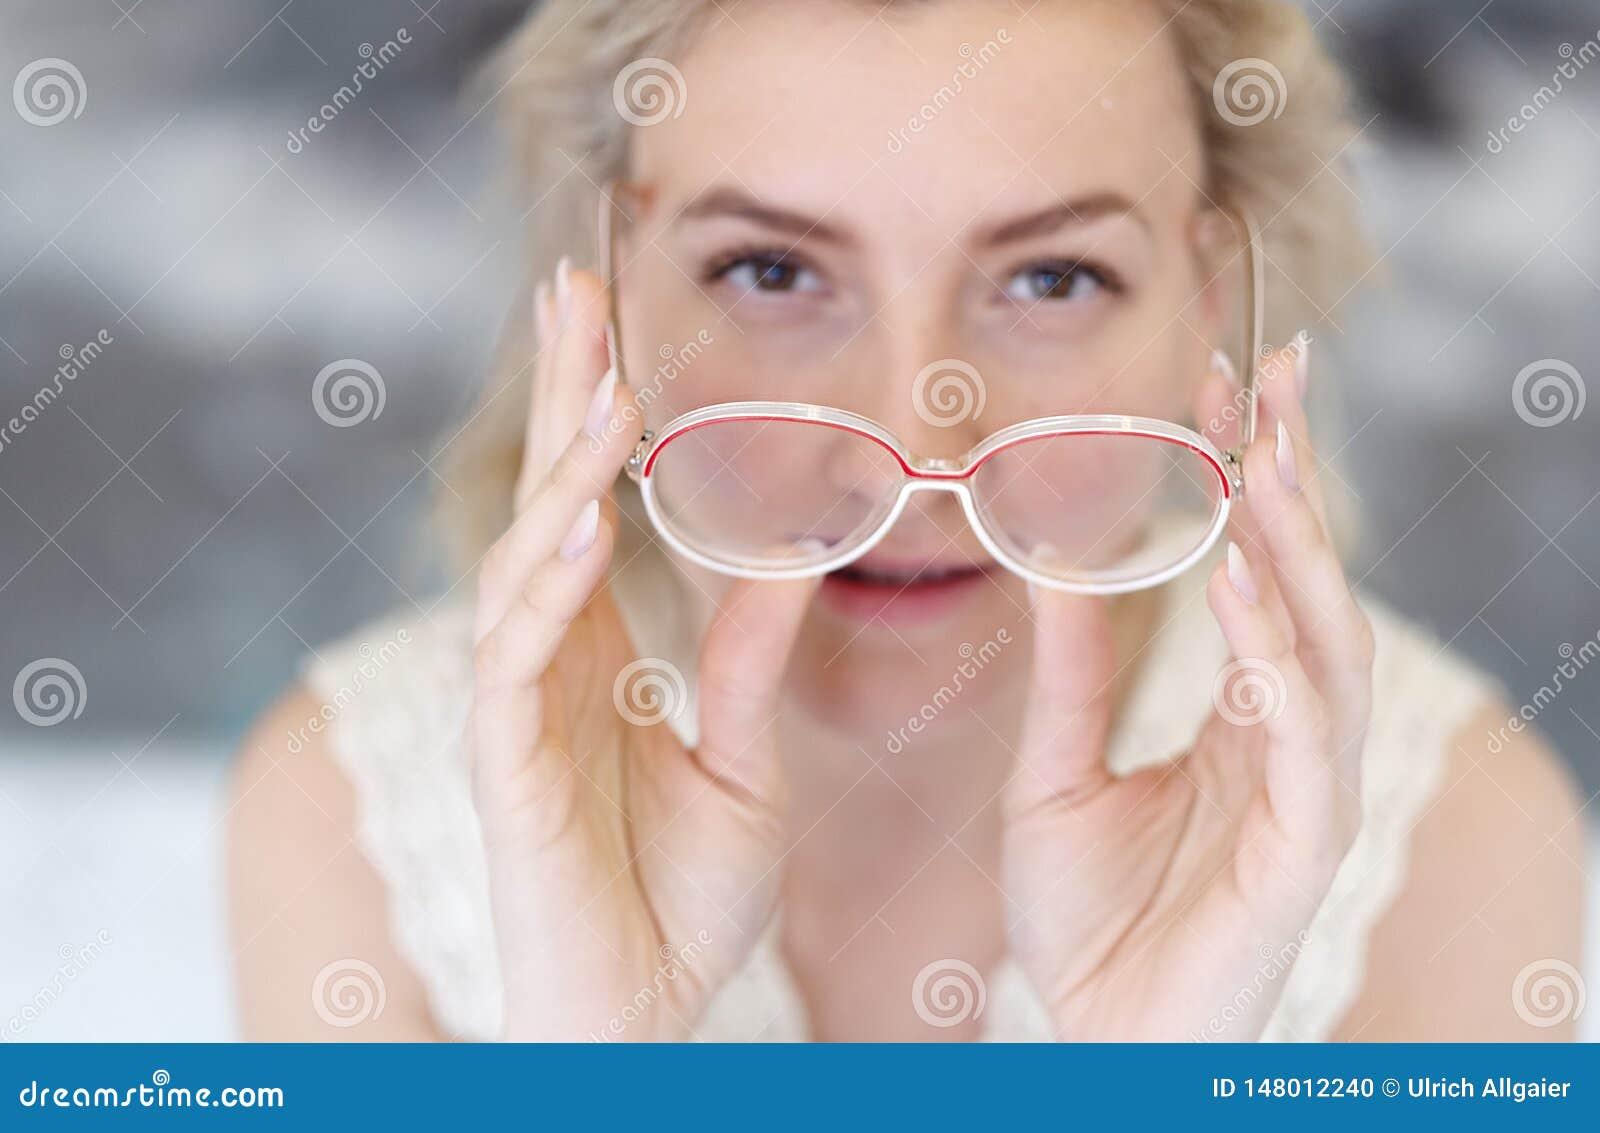 Πορτρέτο μιας νέας γυναίκας με τα γυαλιά και των ξανθών μαλλιών που κρατά τα γυαλιά μπροστά από το πρόσωπό της, το πρόσωπό της απ